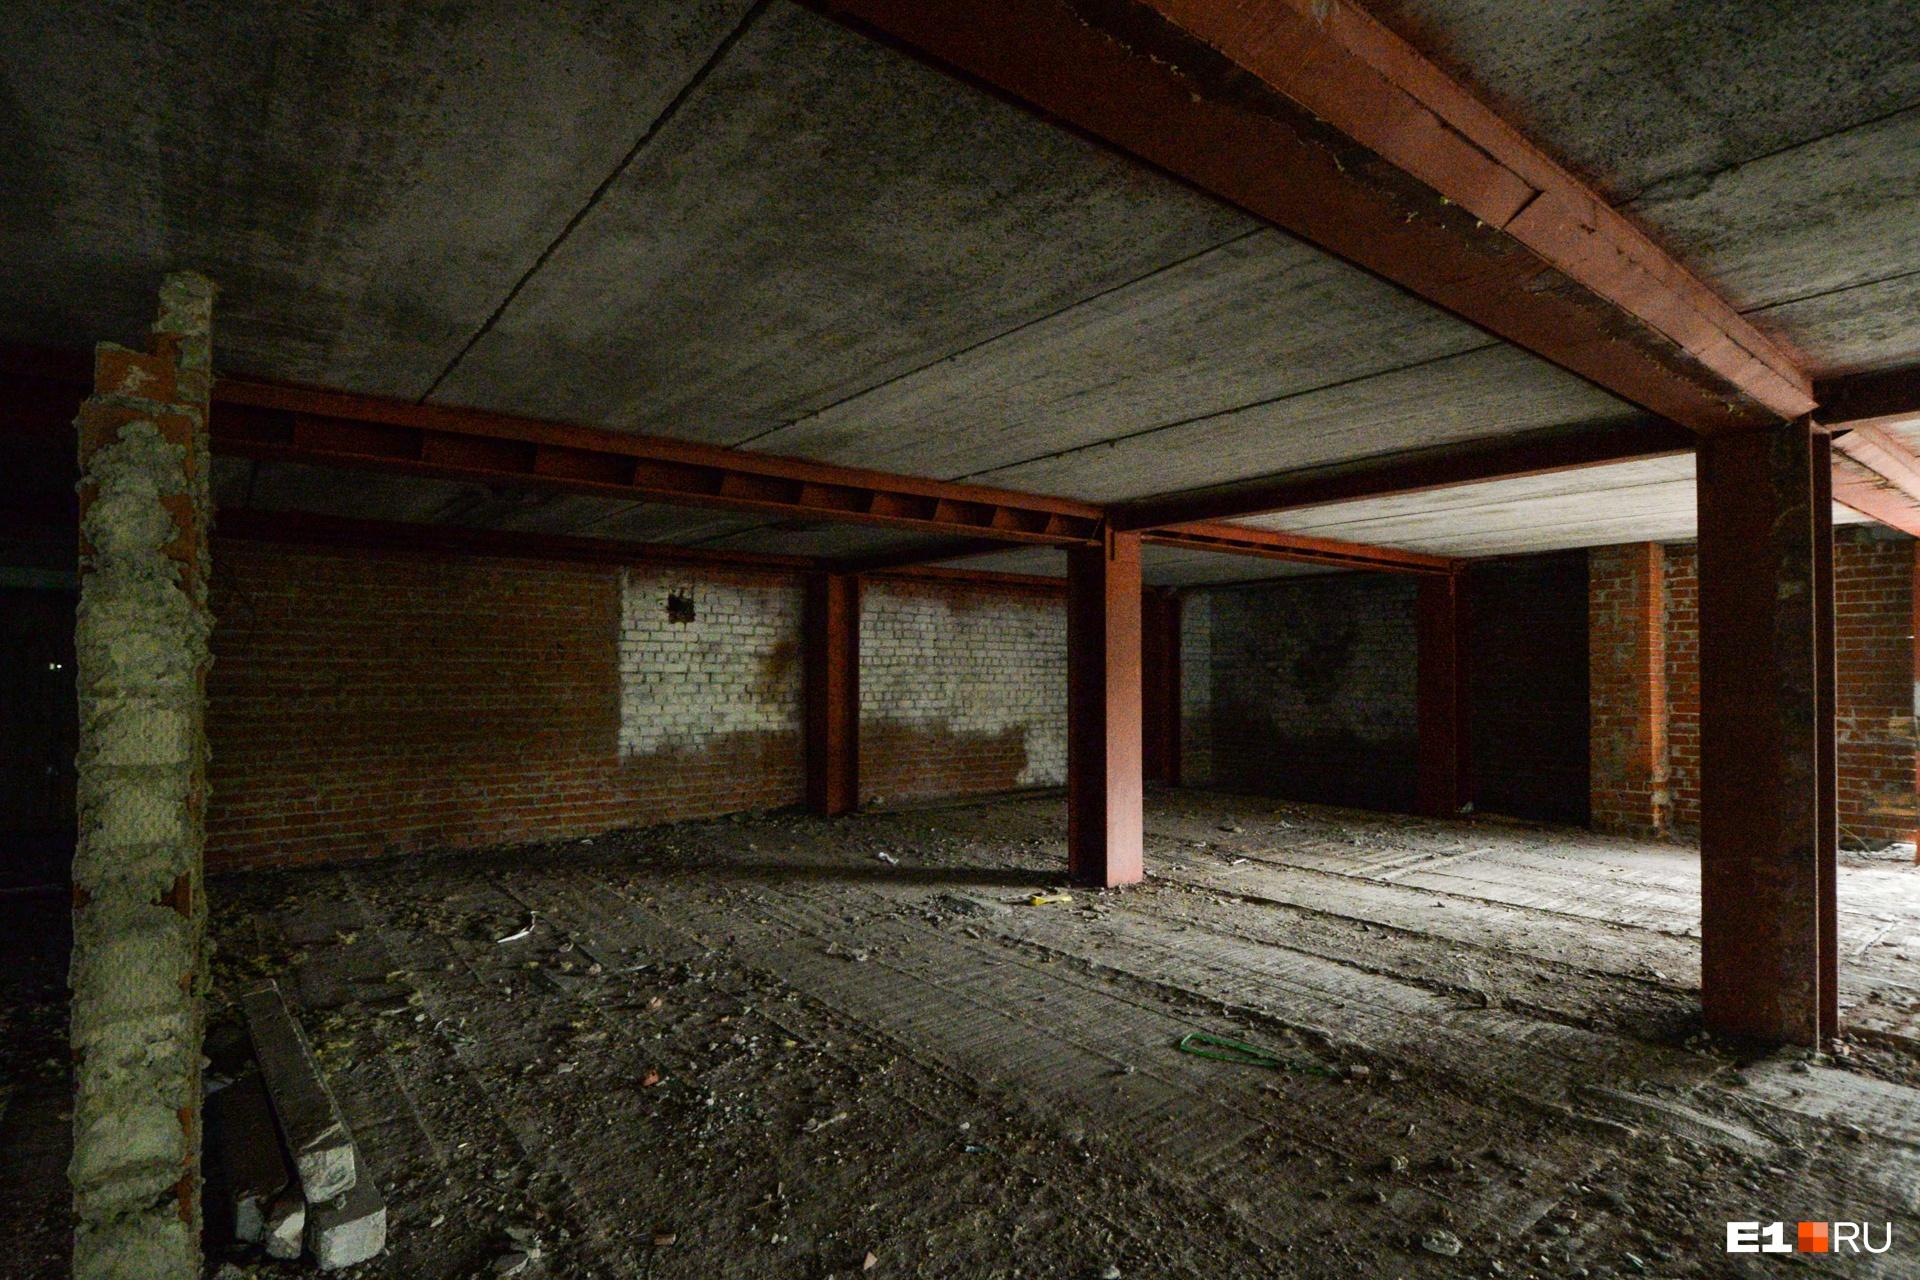 А в целом этаж выглядит вот так